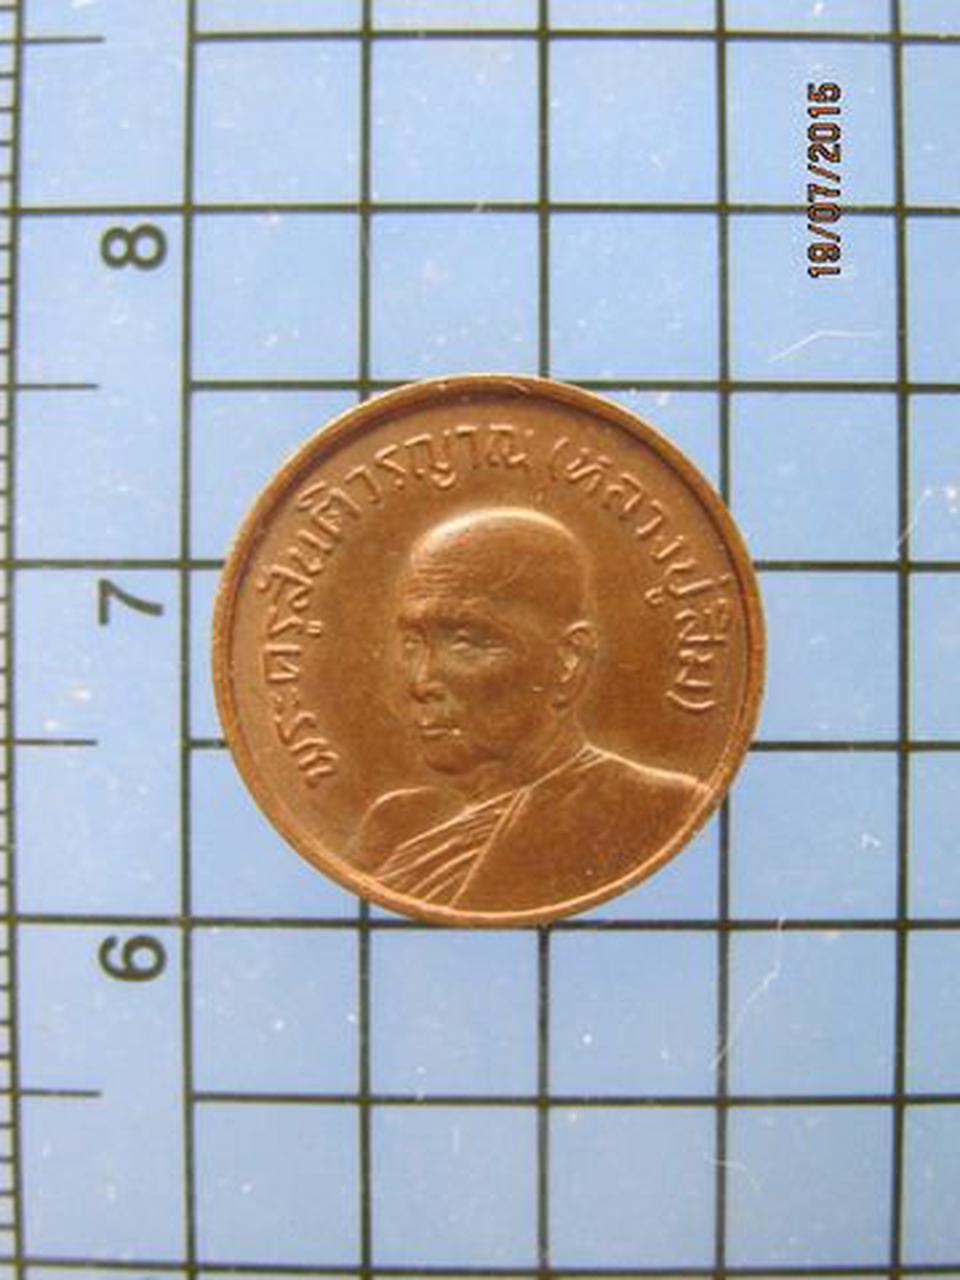 2471 เหรียญสตางค์หลวงปู่สิม พุทธาจาโร วัดถ้ำผาปล่อง 31 จ.เชี รูปที่ 2